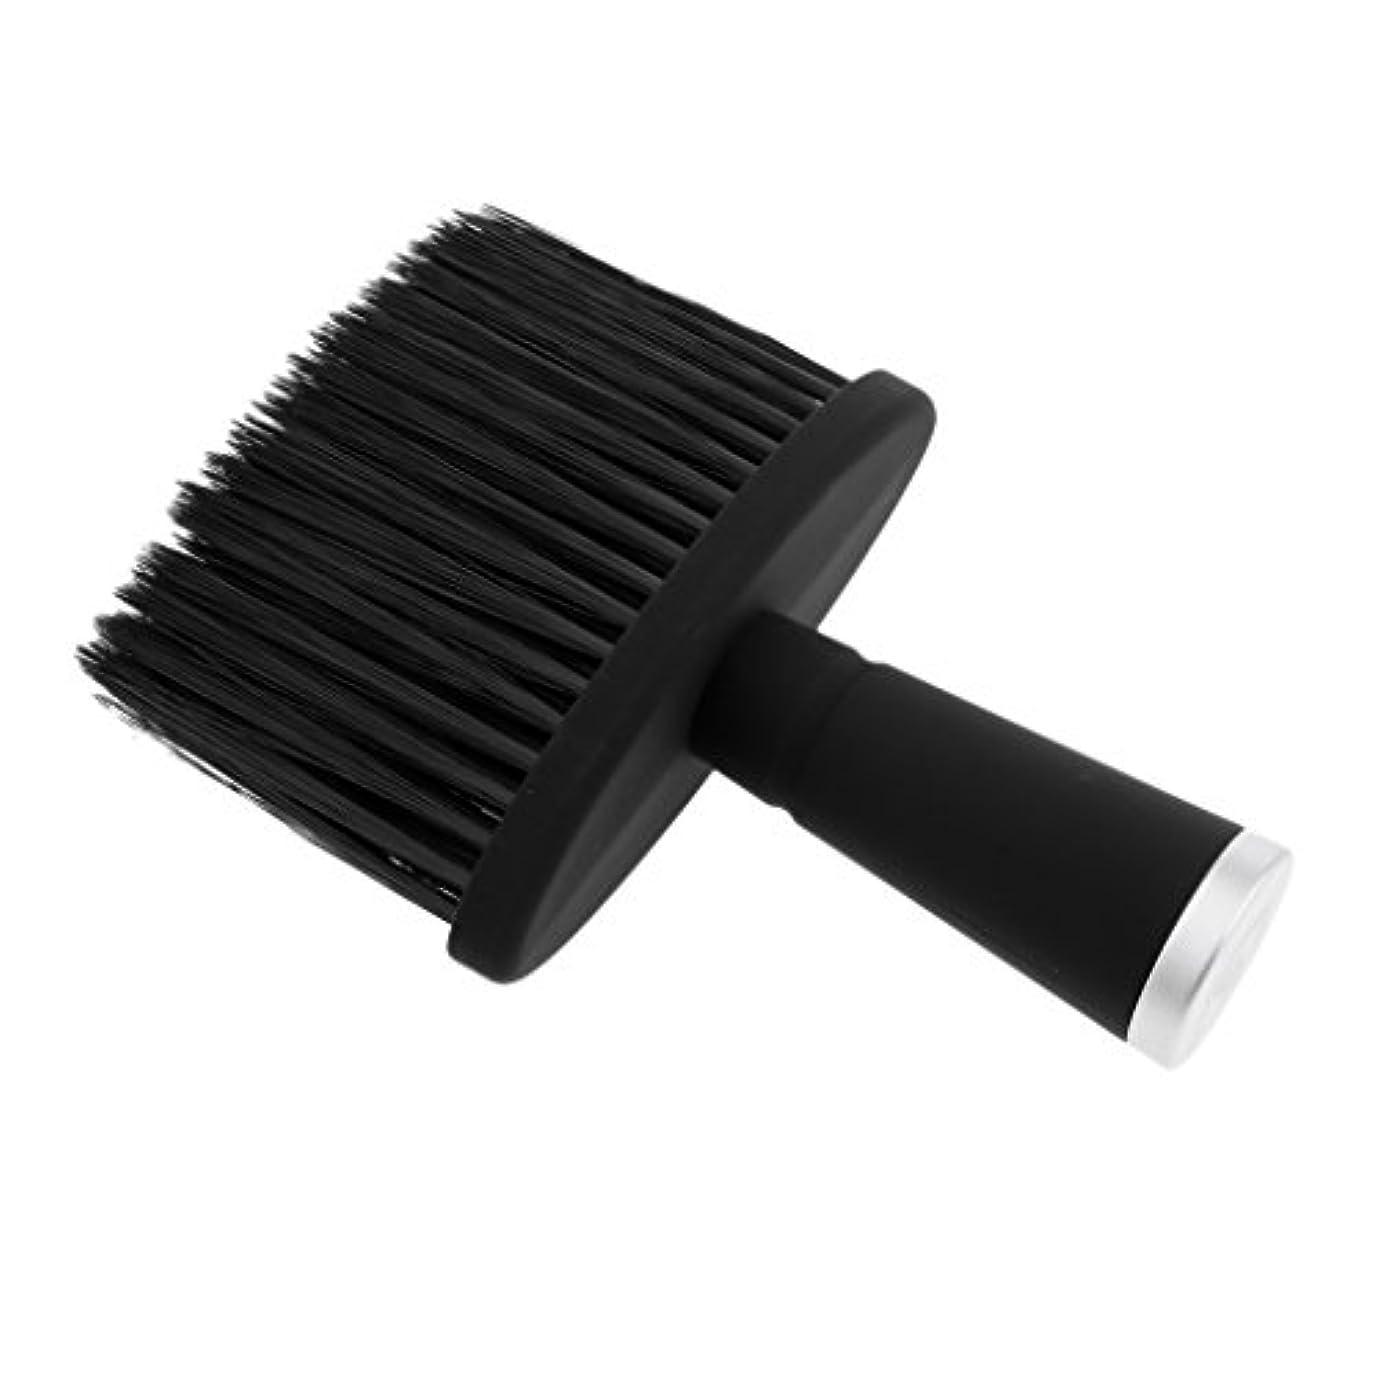 合成吸うレオナルドダPerfk ネックダスターブラシ ヘアカット ヘアブラシ 理髪 便利 合成繊維+プラスチック 全2色 - 銀